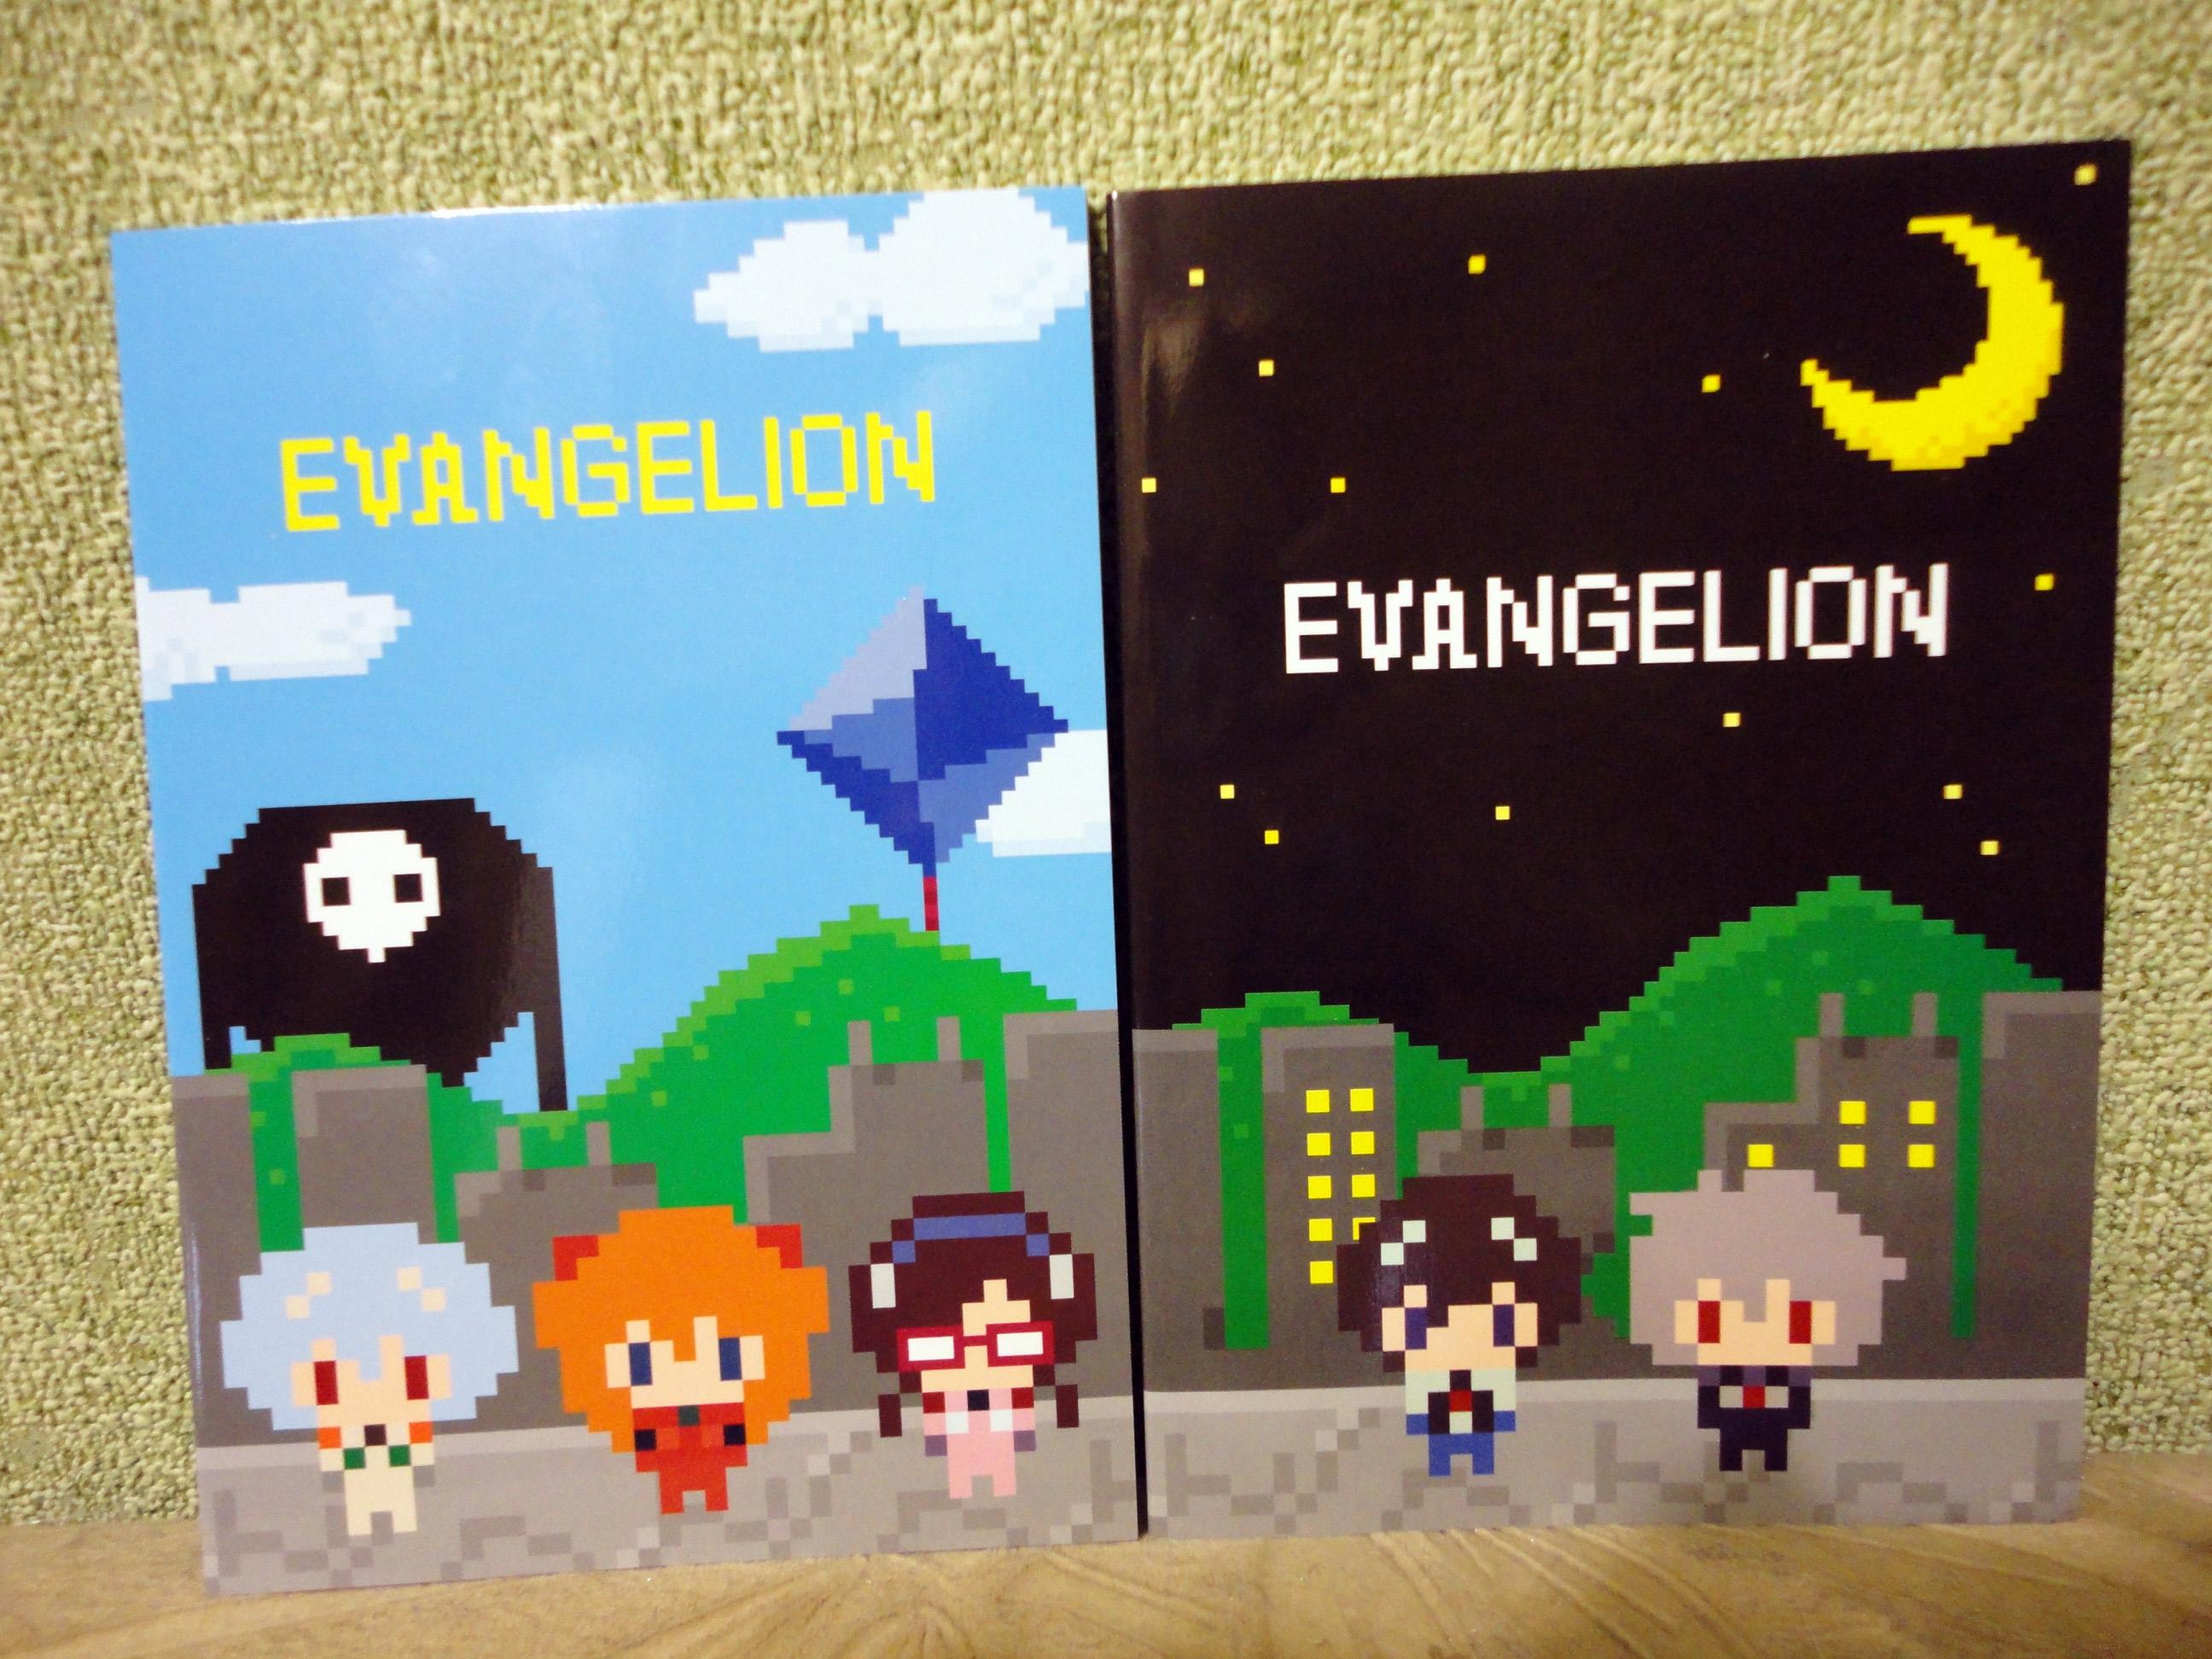 notebook ayanami_rei makinami_mari_illustrious souryuu_asuka_langley movic ikari_shinji evangelion_shin_gekijouban nagisa_kaworu